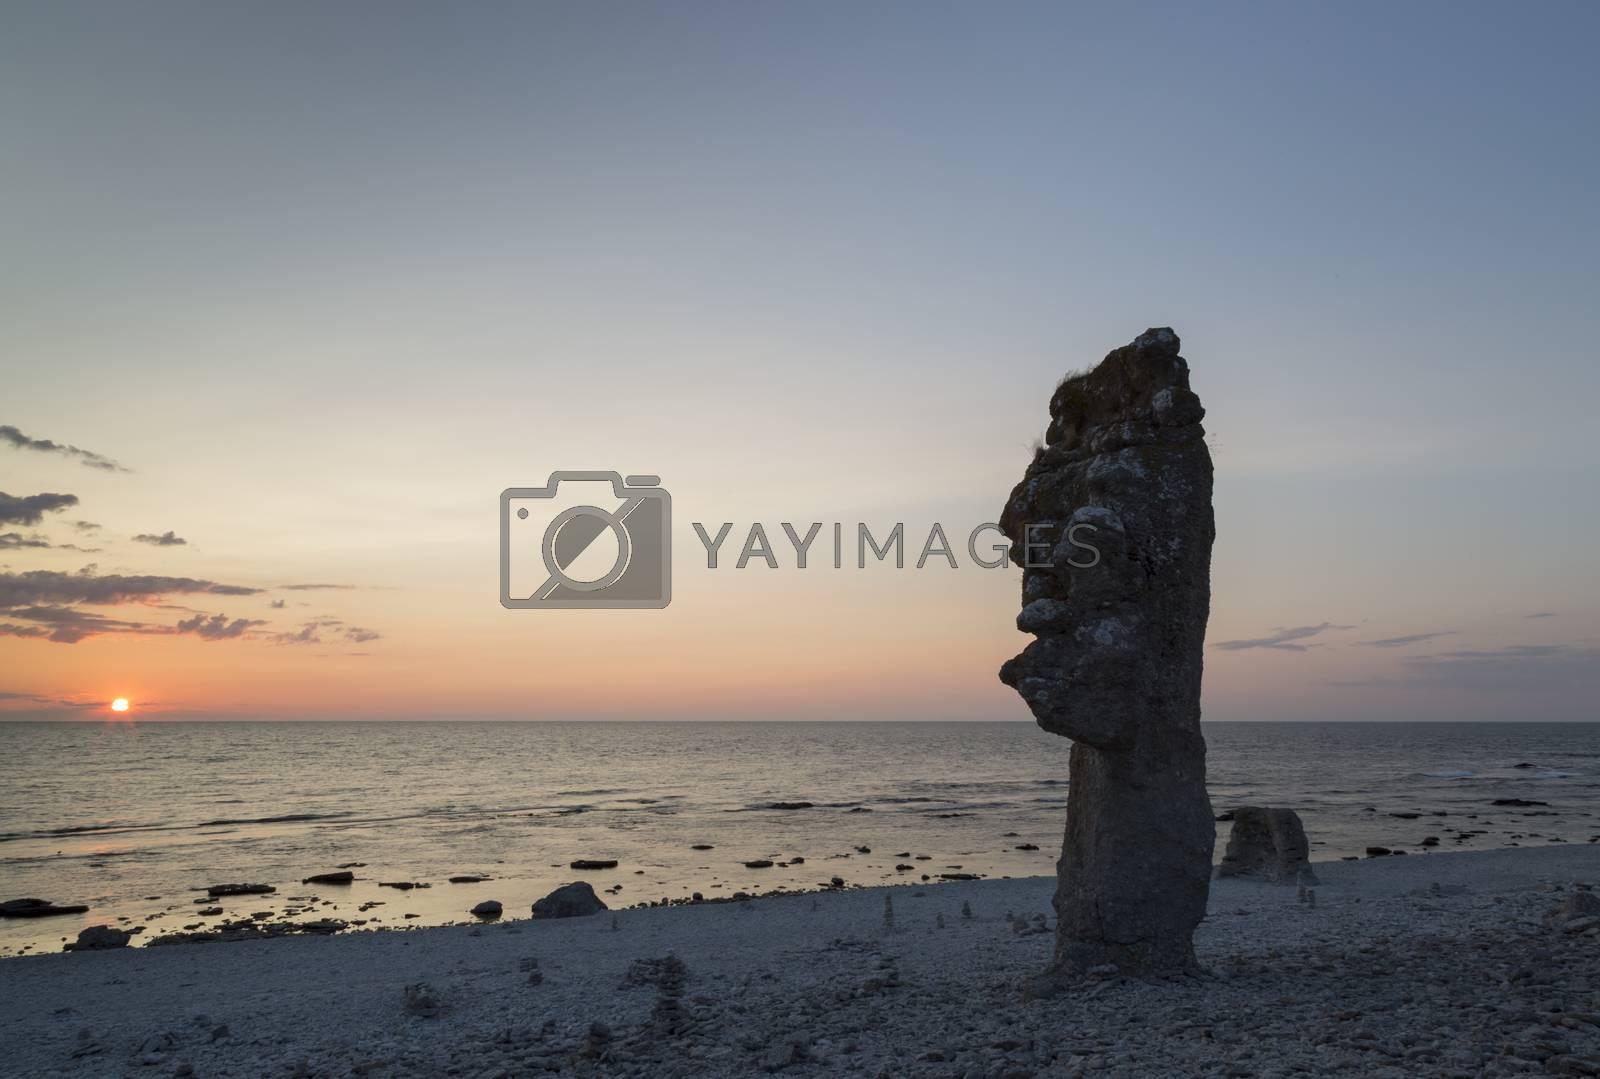 Sea Stack at Langhammar, Gotland in Sweden at sunset.